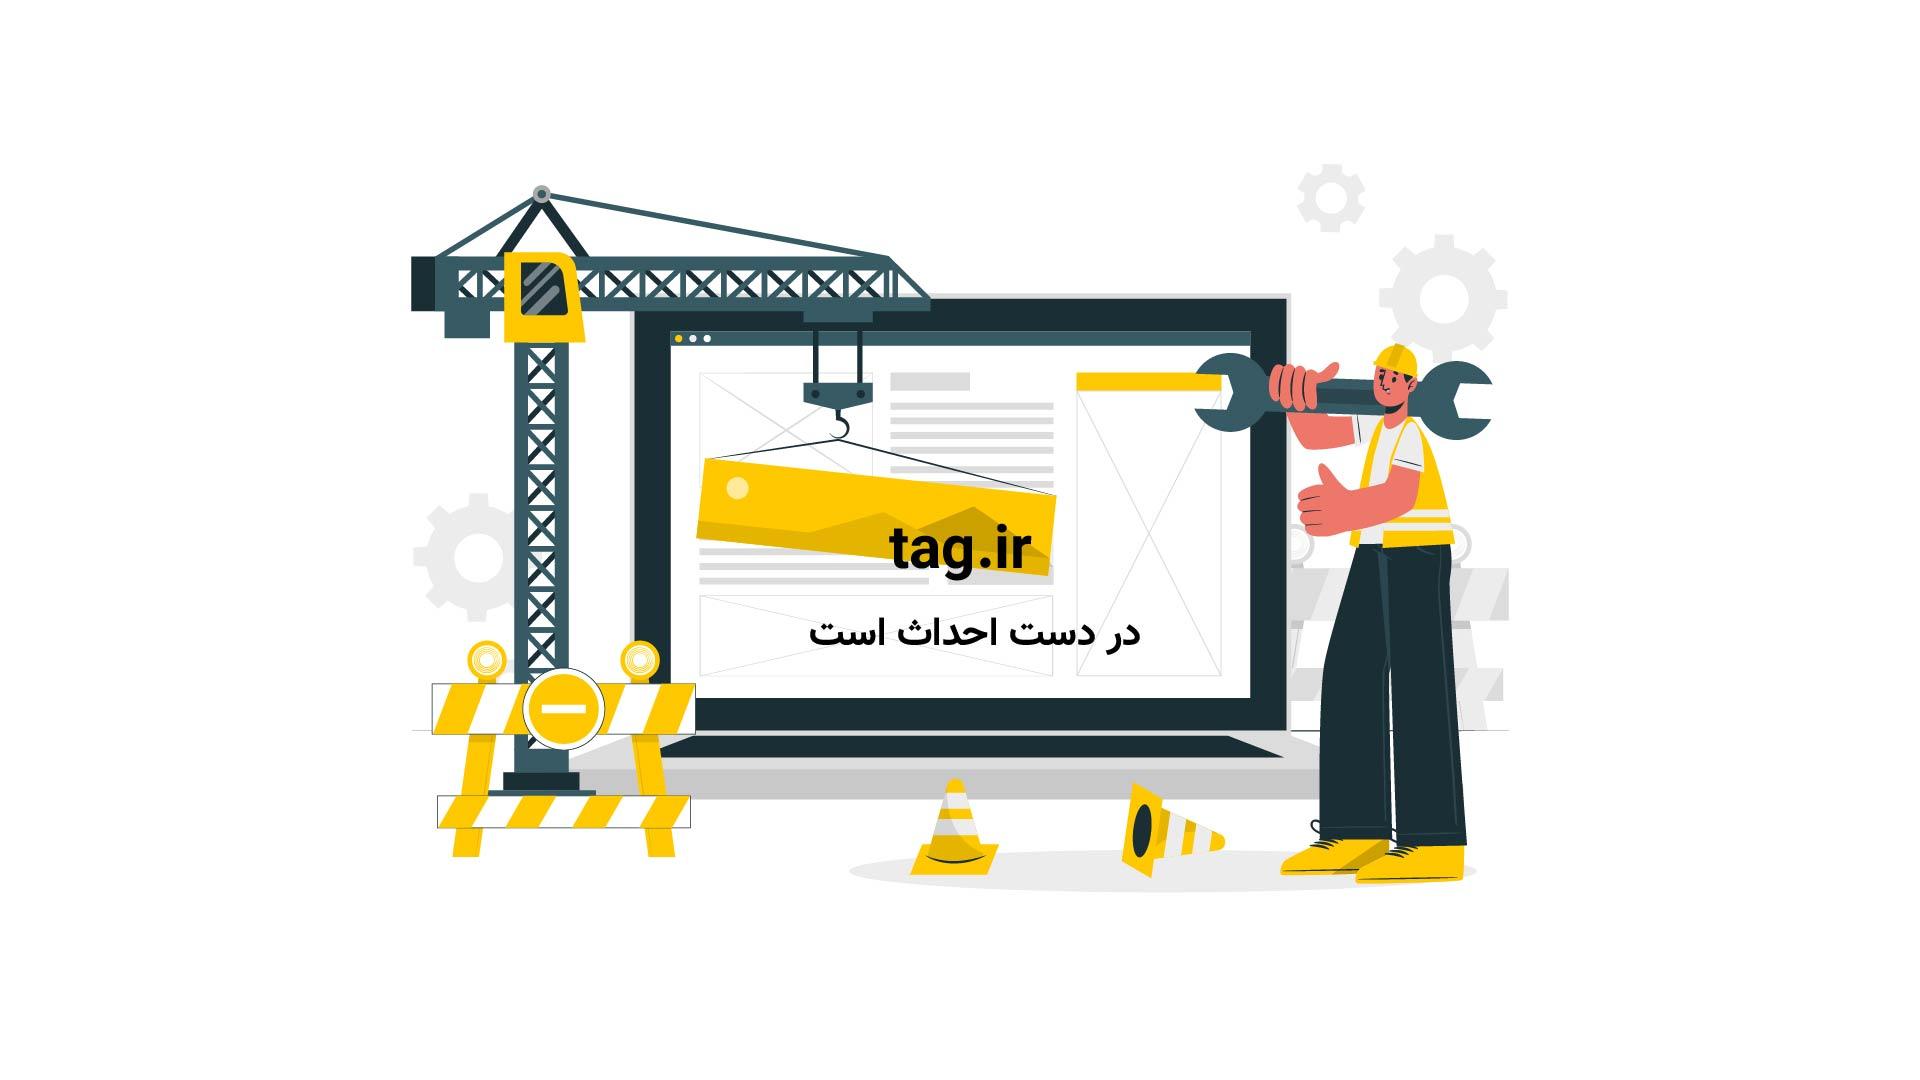 روایت رنجهای خانوادهای که از موصل فرار کردند | فیلم